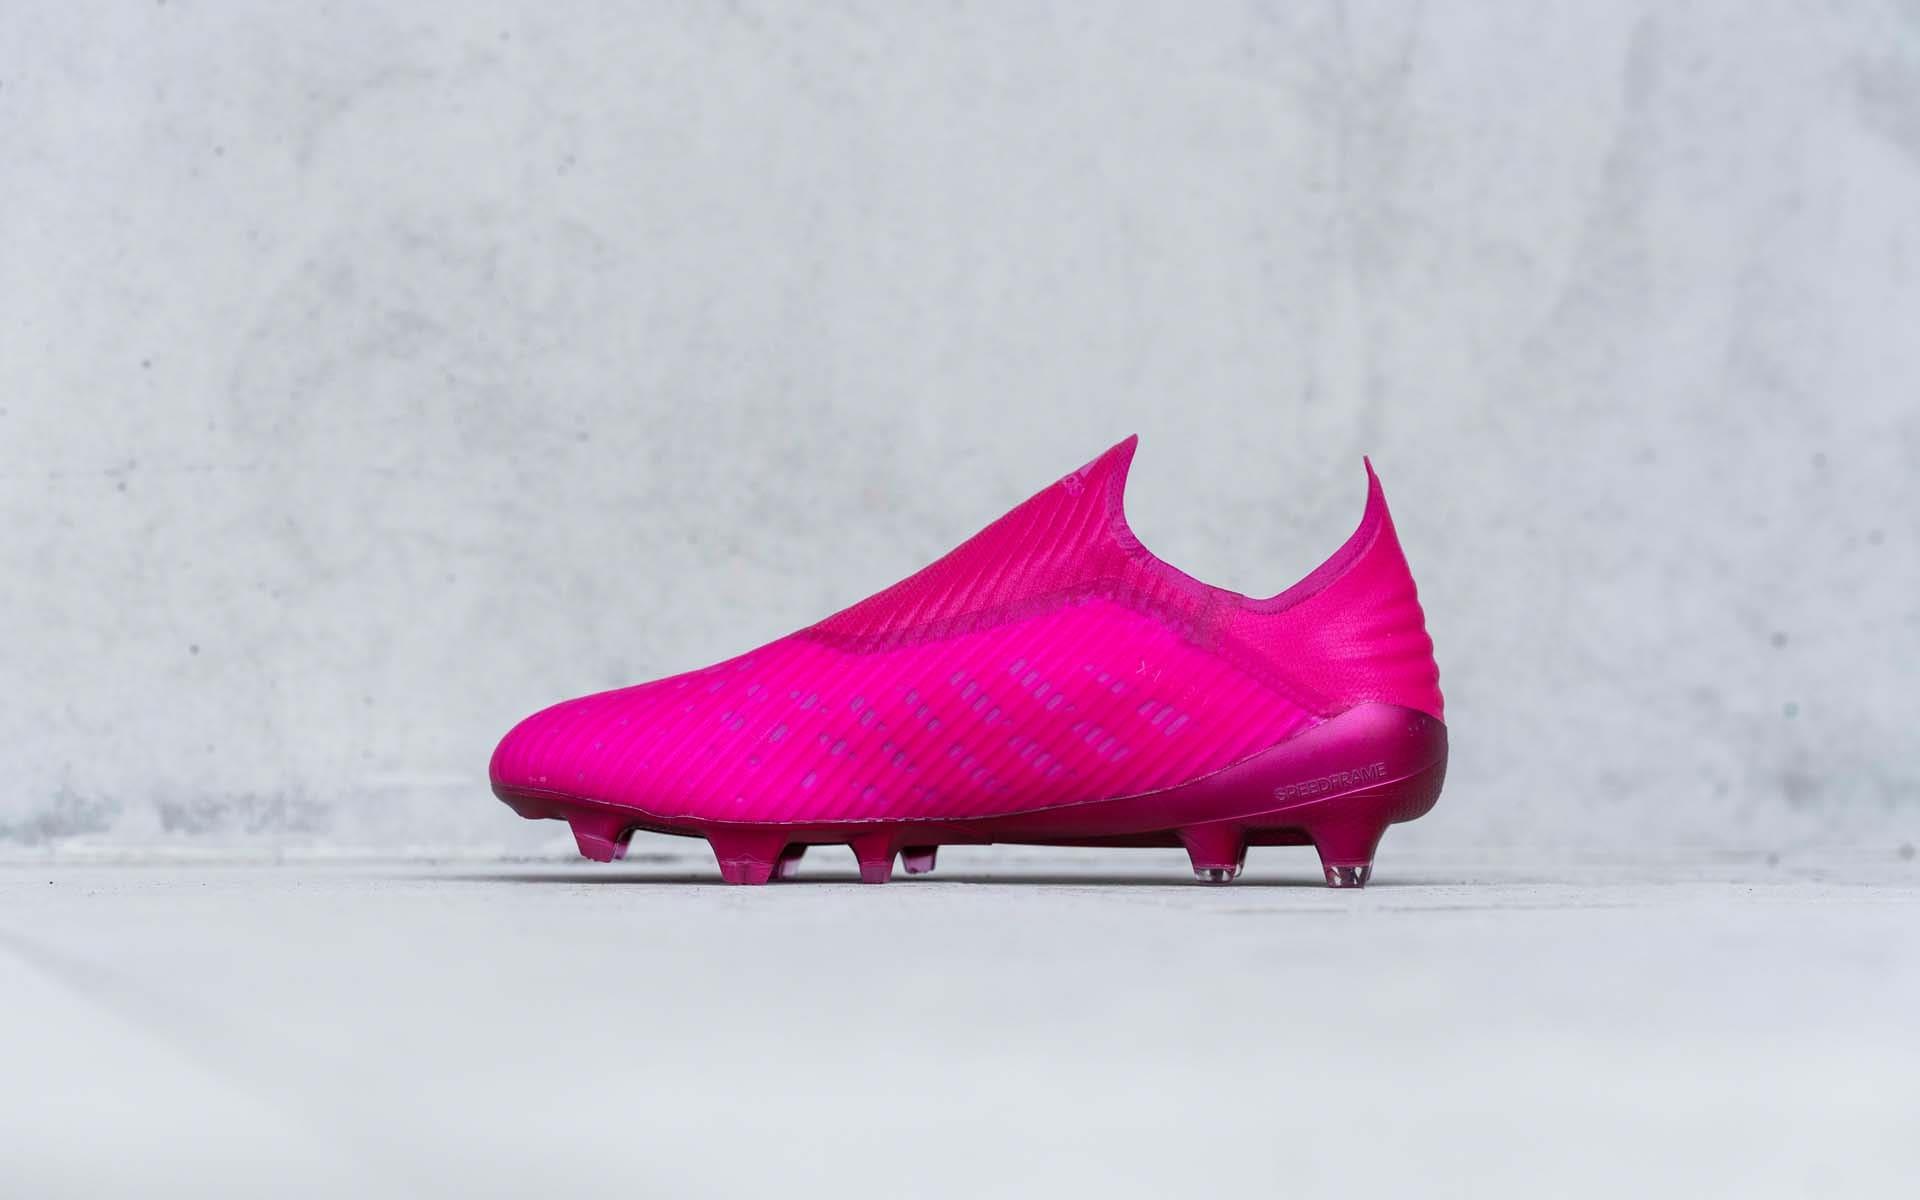 Thiết kế giày đá bóng không dây Adidas X19+ màu hồng đẹp mắt